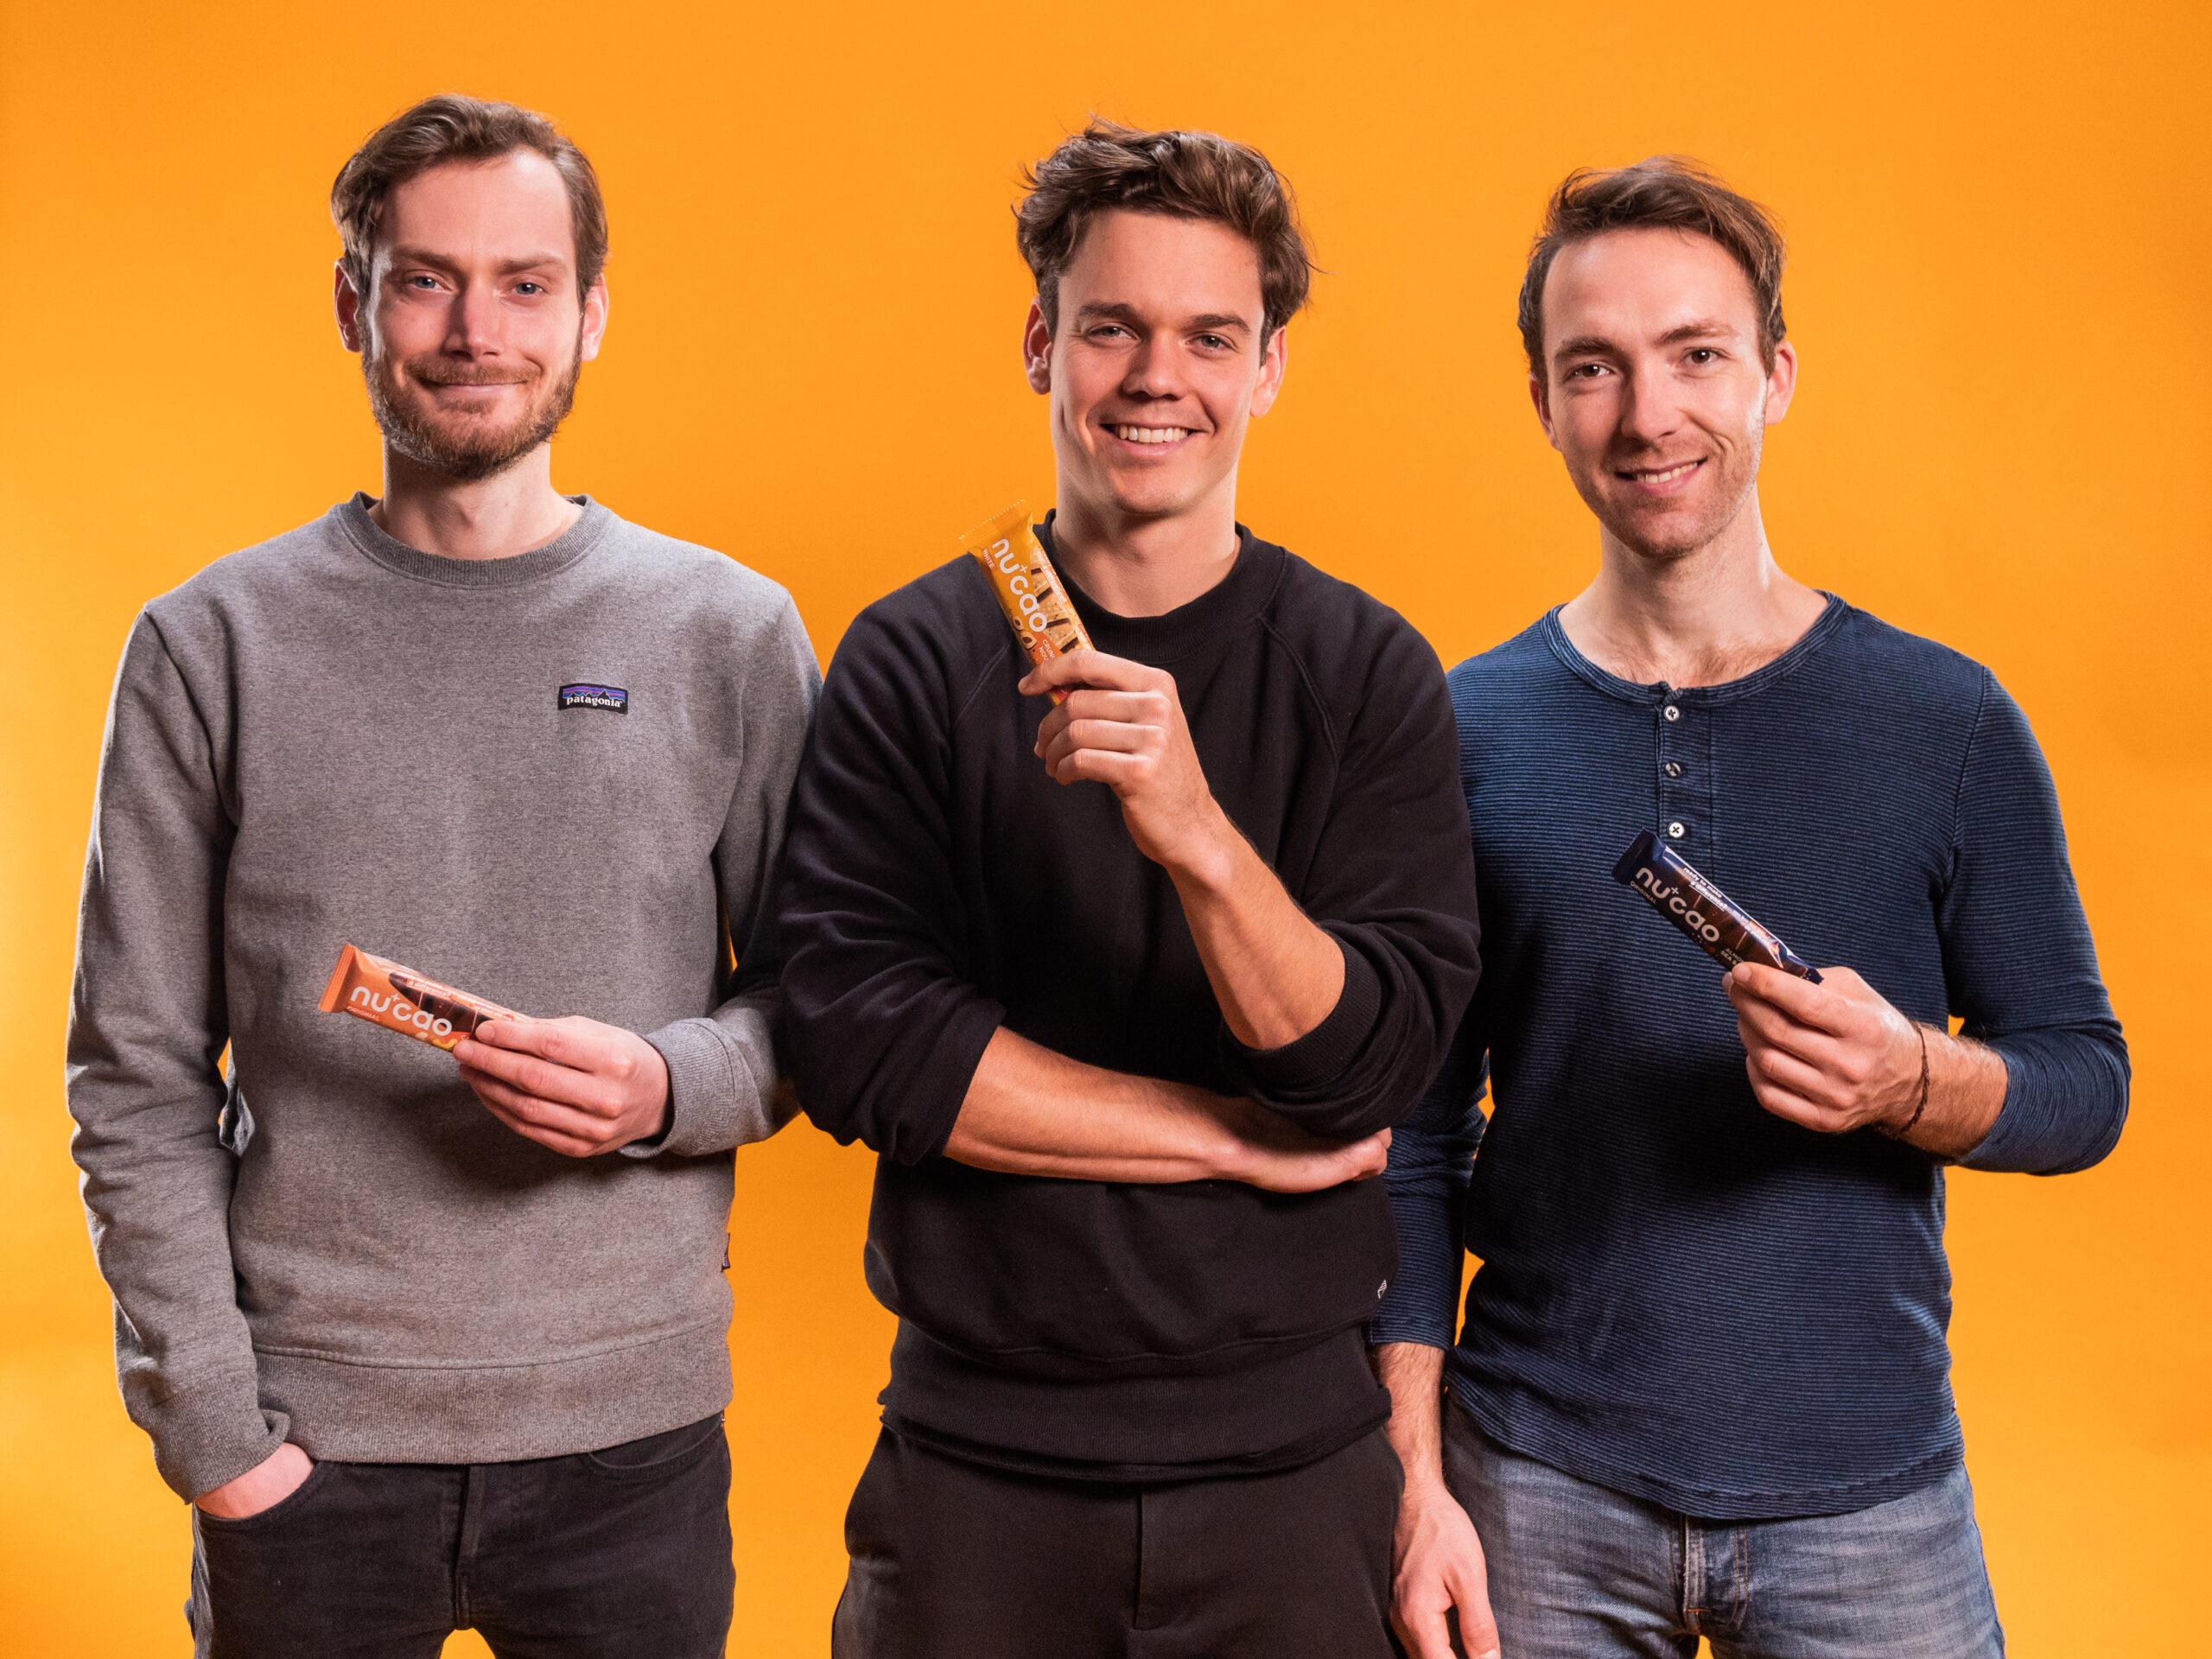 Offline First: Auf dem Bild sind die drei Gründer von the nu company zu sehen. Die Founder haben ihre Snacks erst im stationären Handel verkauft.